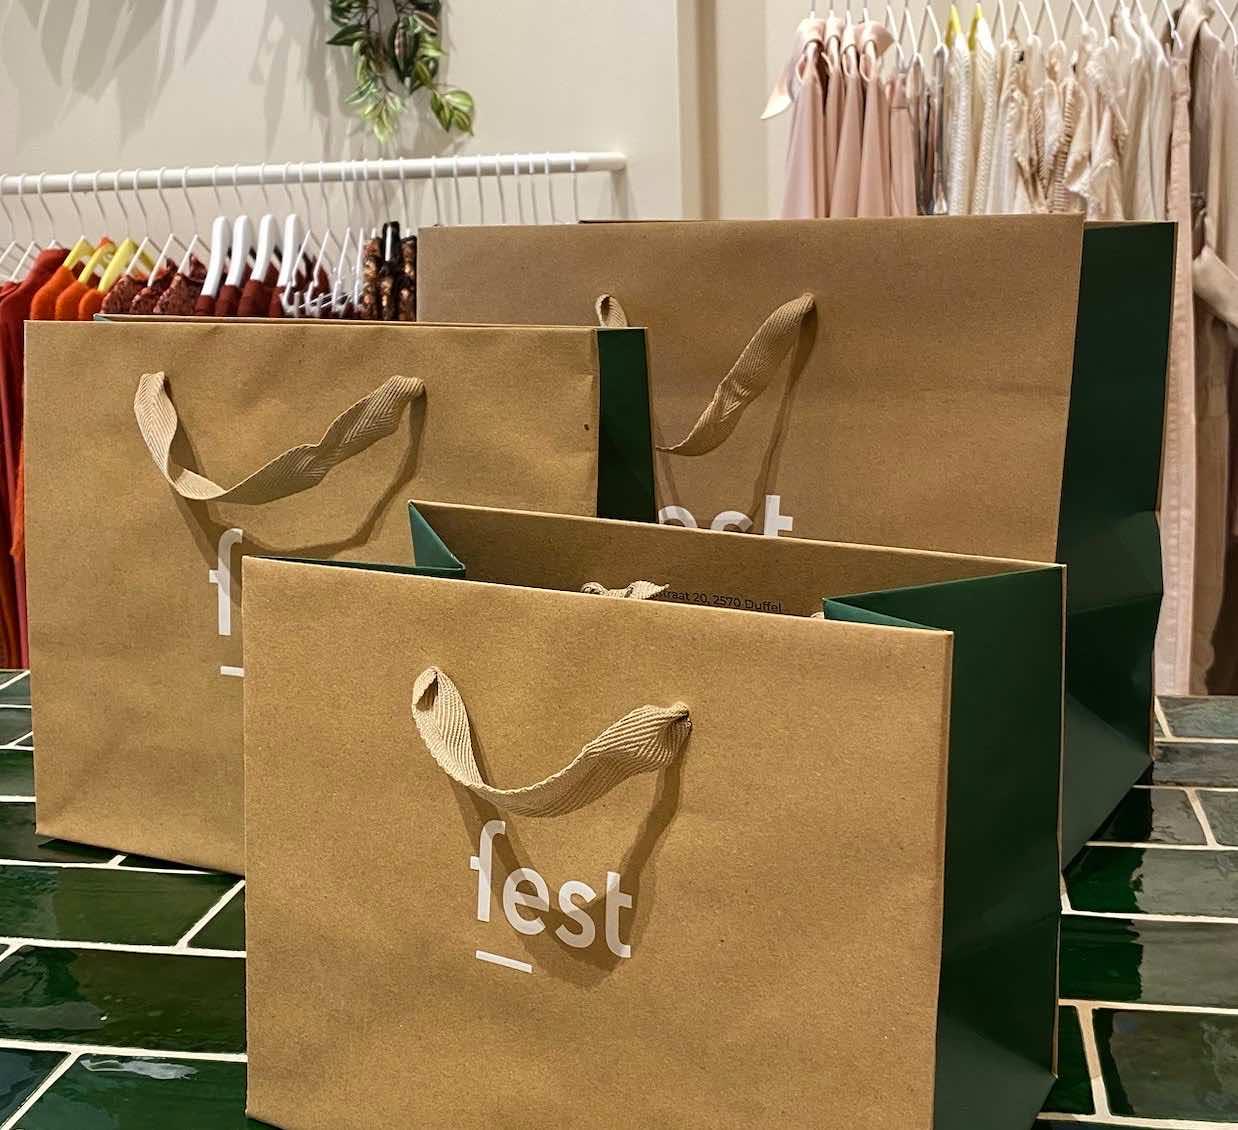 Private shopping bags, 6 personen op afspraak in de winkel bij Steffi